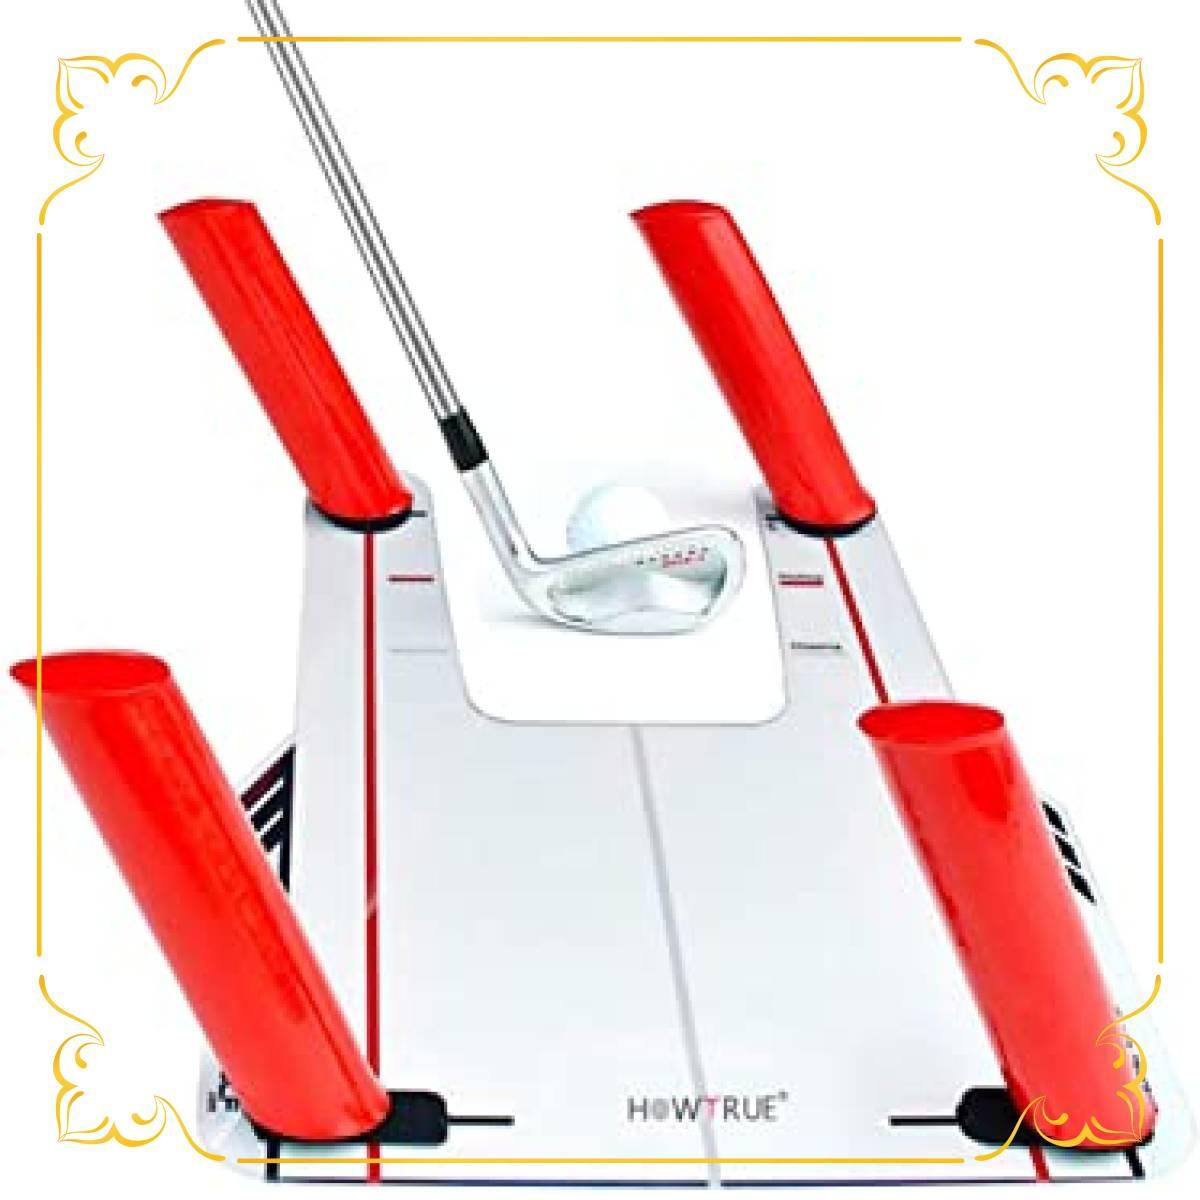 ゴルフ スイング練習機 スイング練習器具 スピードトラップベース パッティング 矯正_画像1